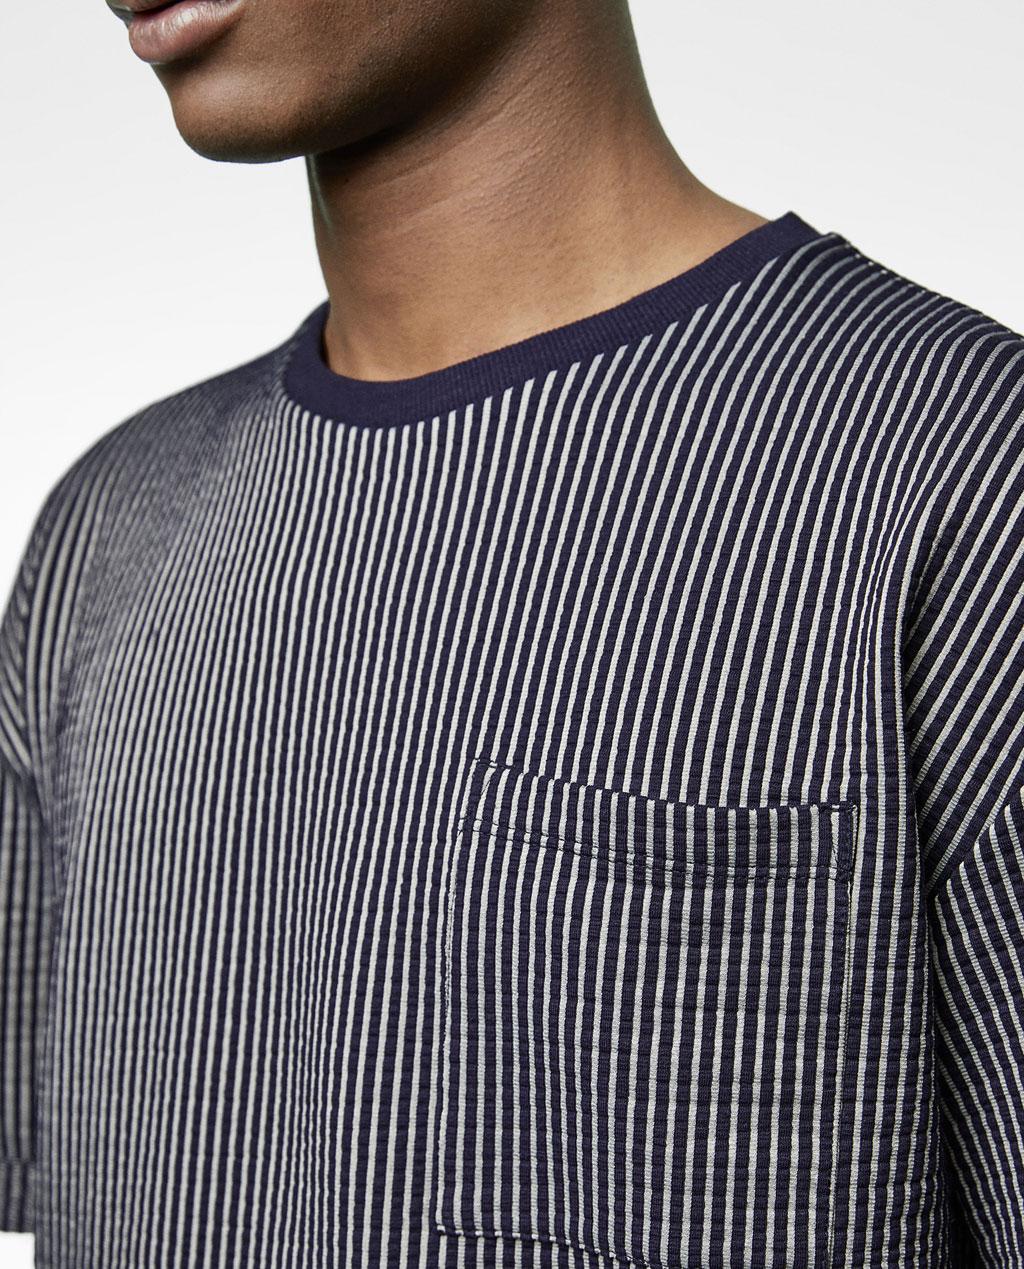 Thời trang nam Zara  23925 - ảnh 7